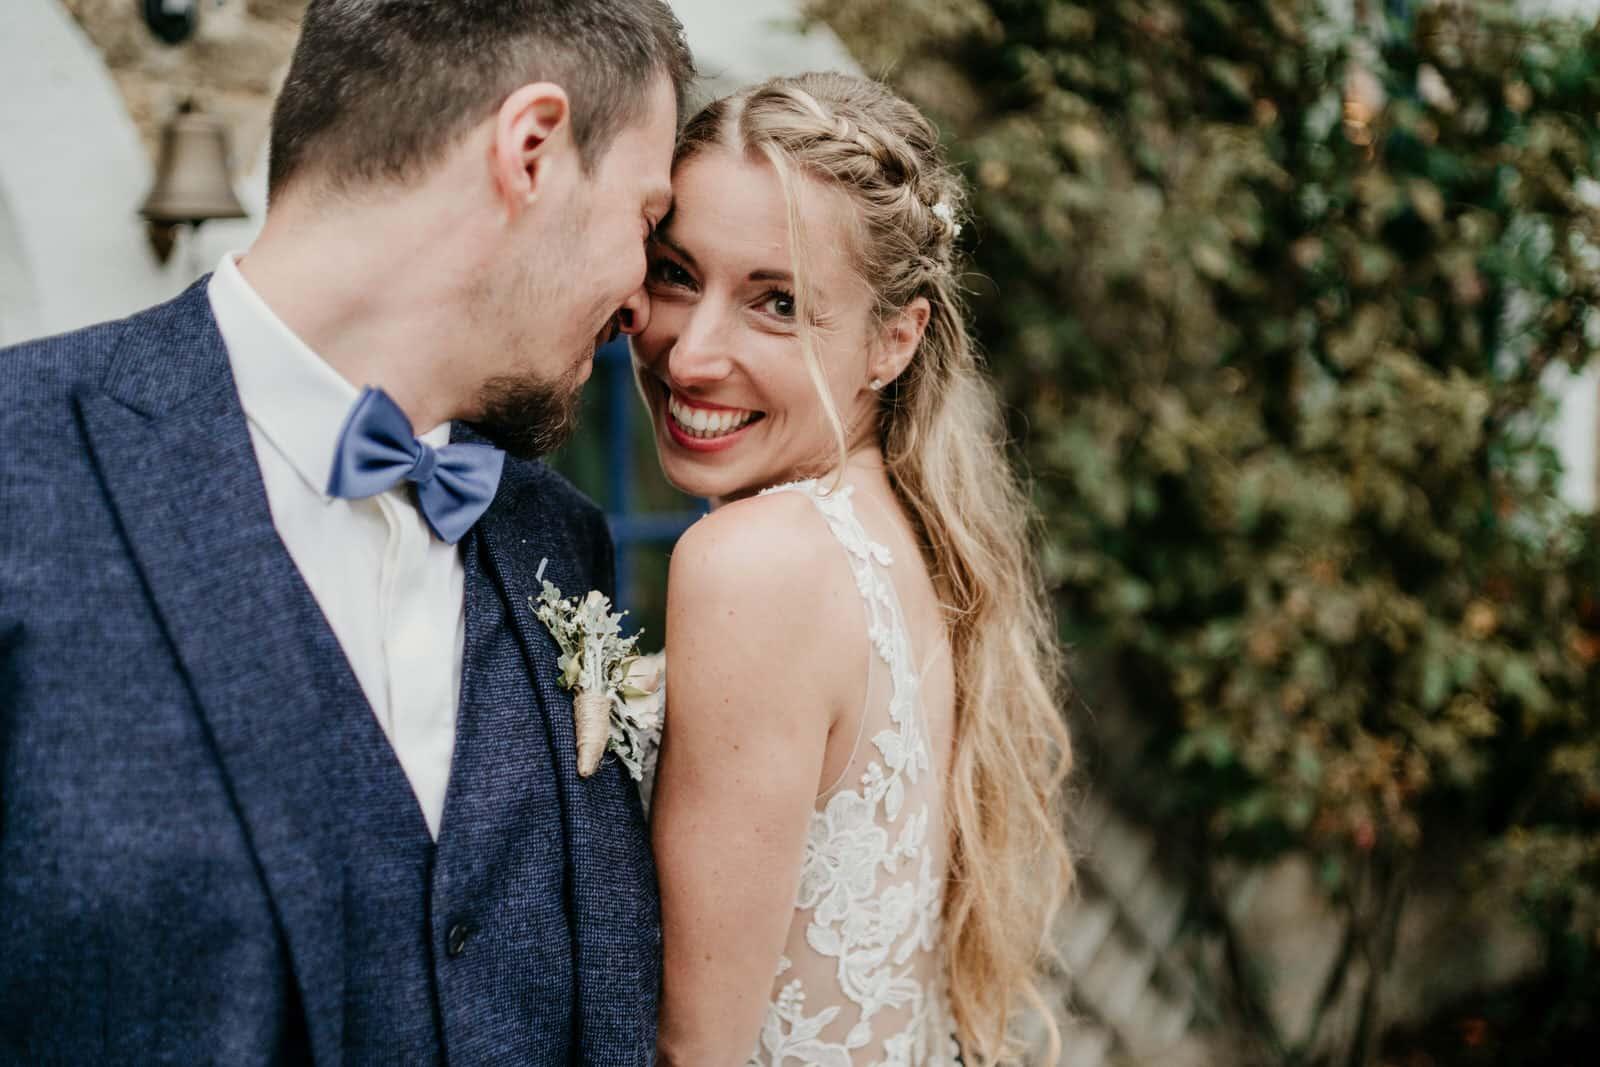 Mariage à La Maloterie à Belle-et-Houllefort